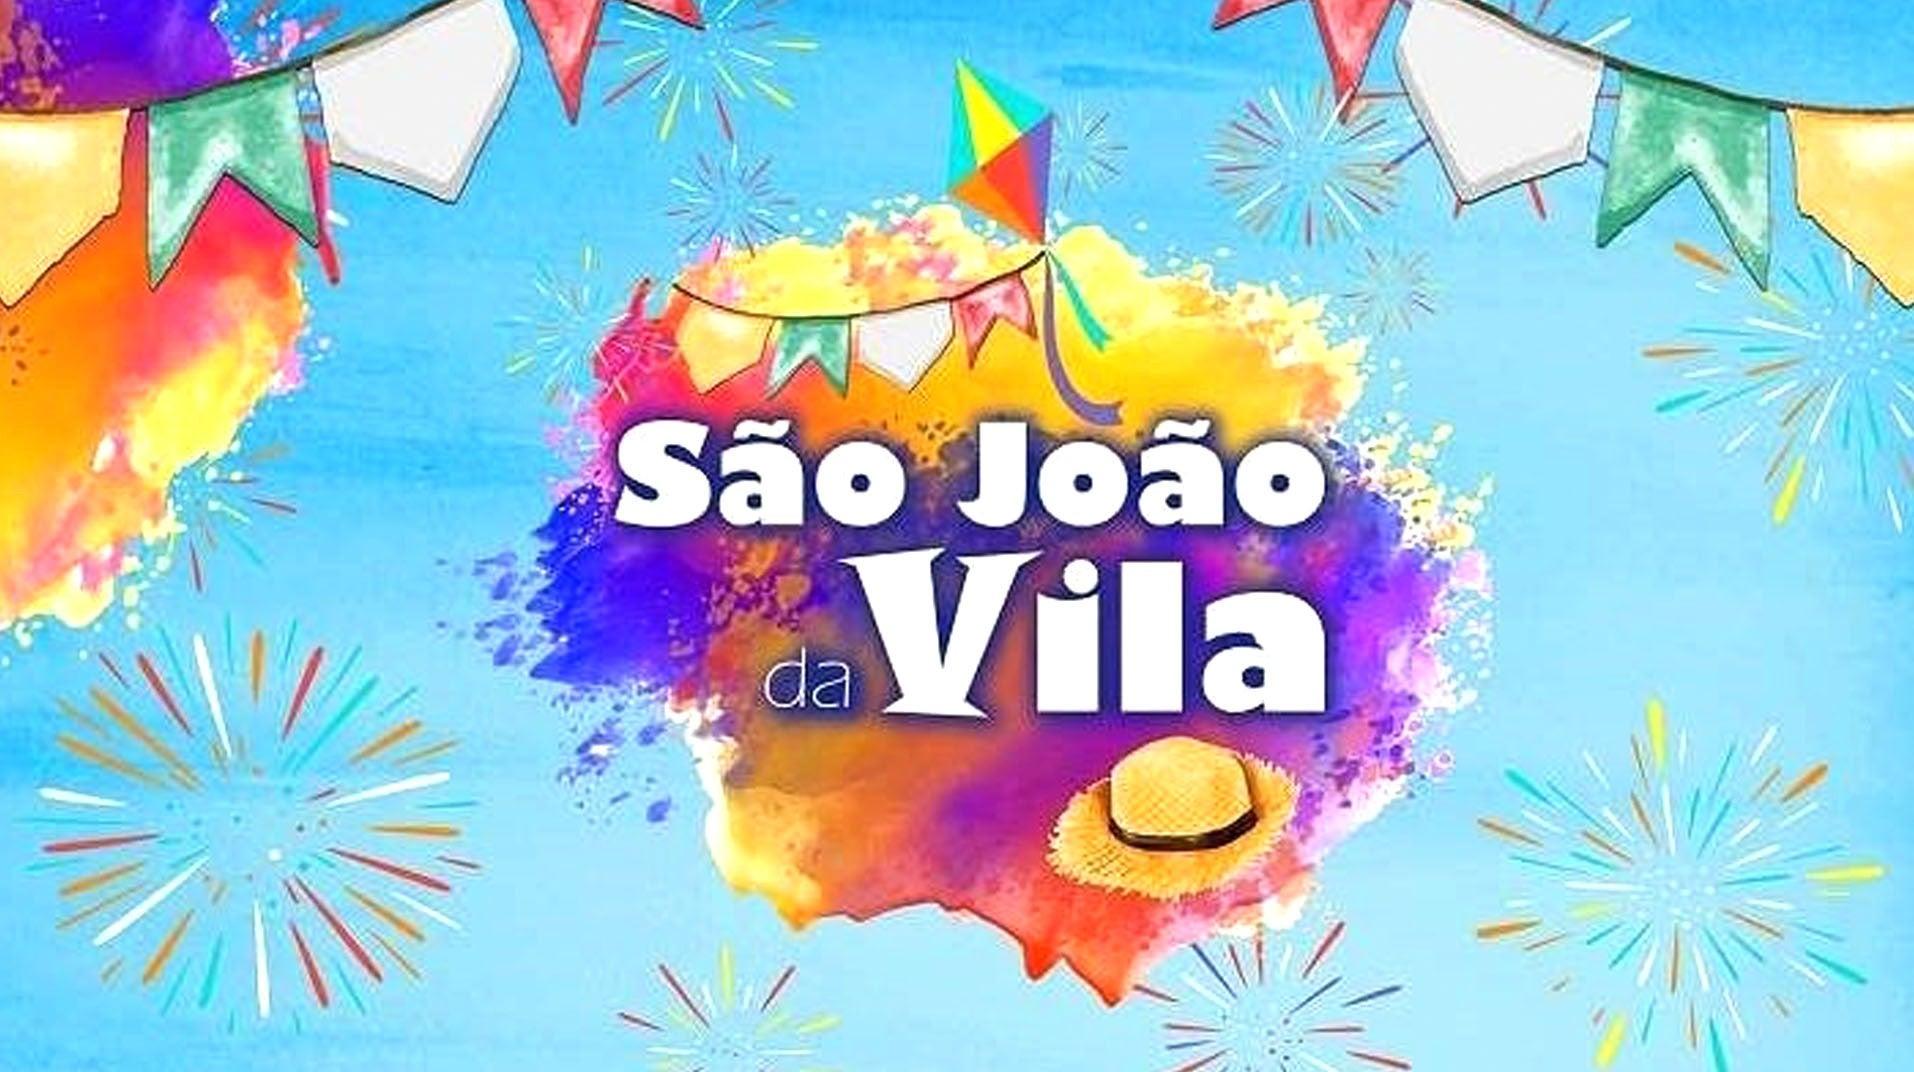 São João da Vila